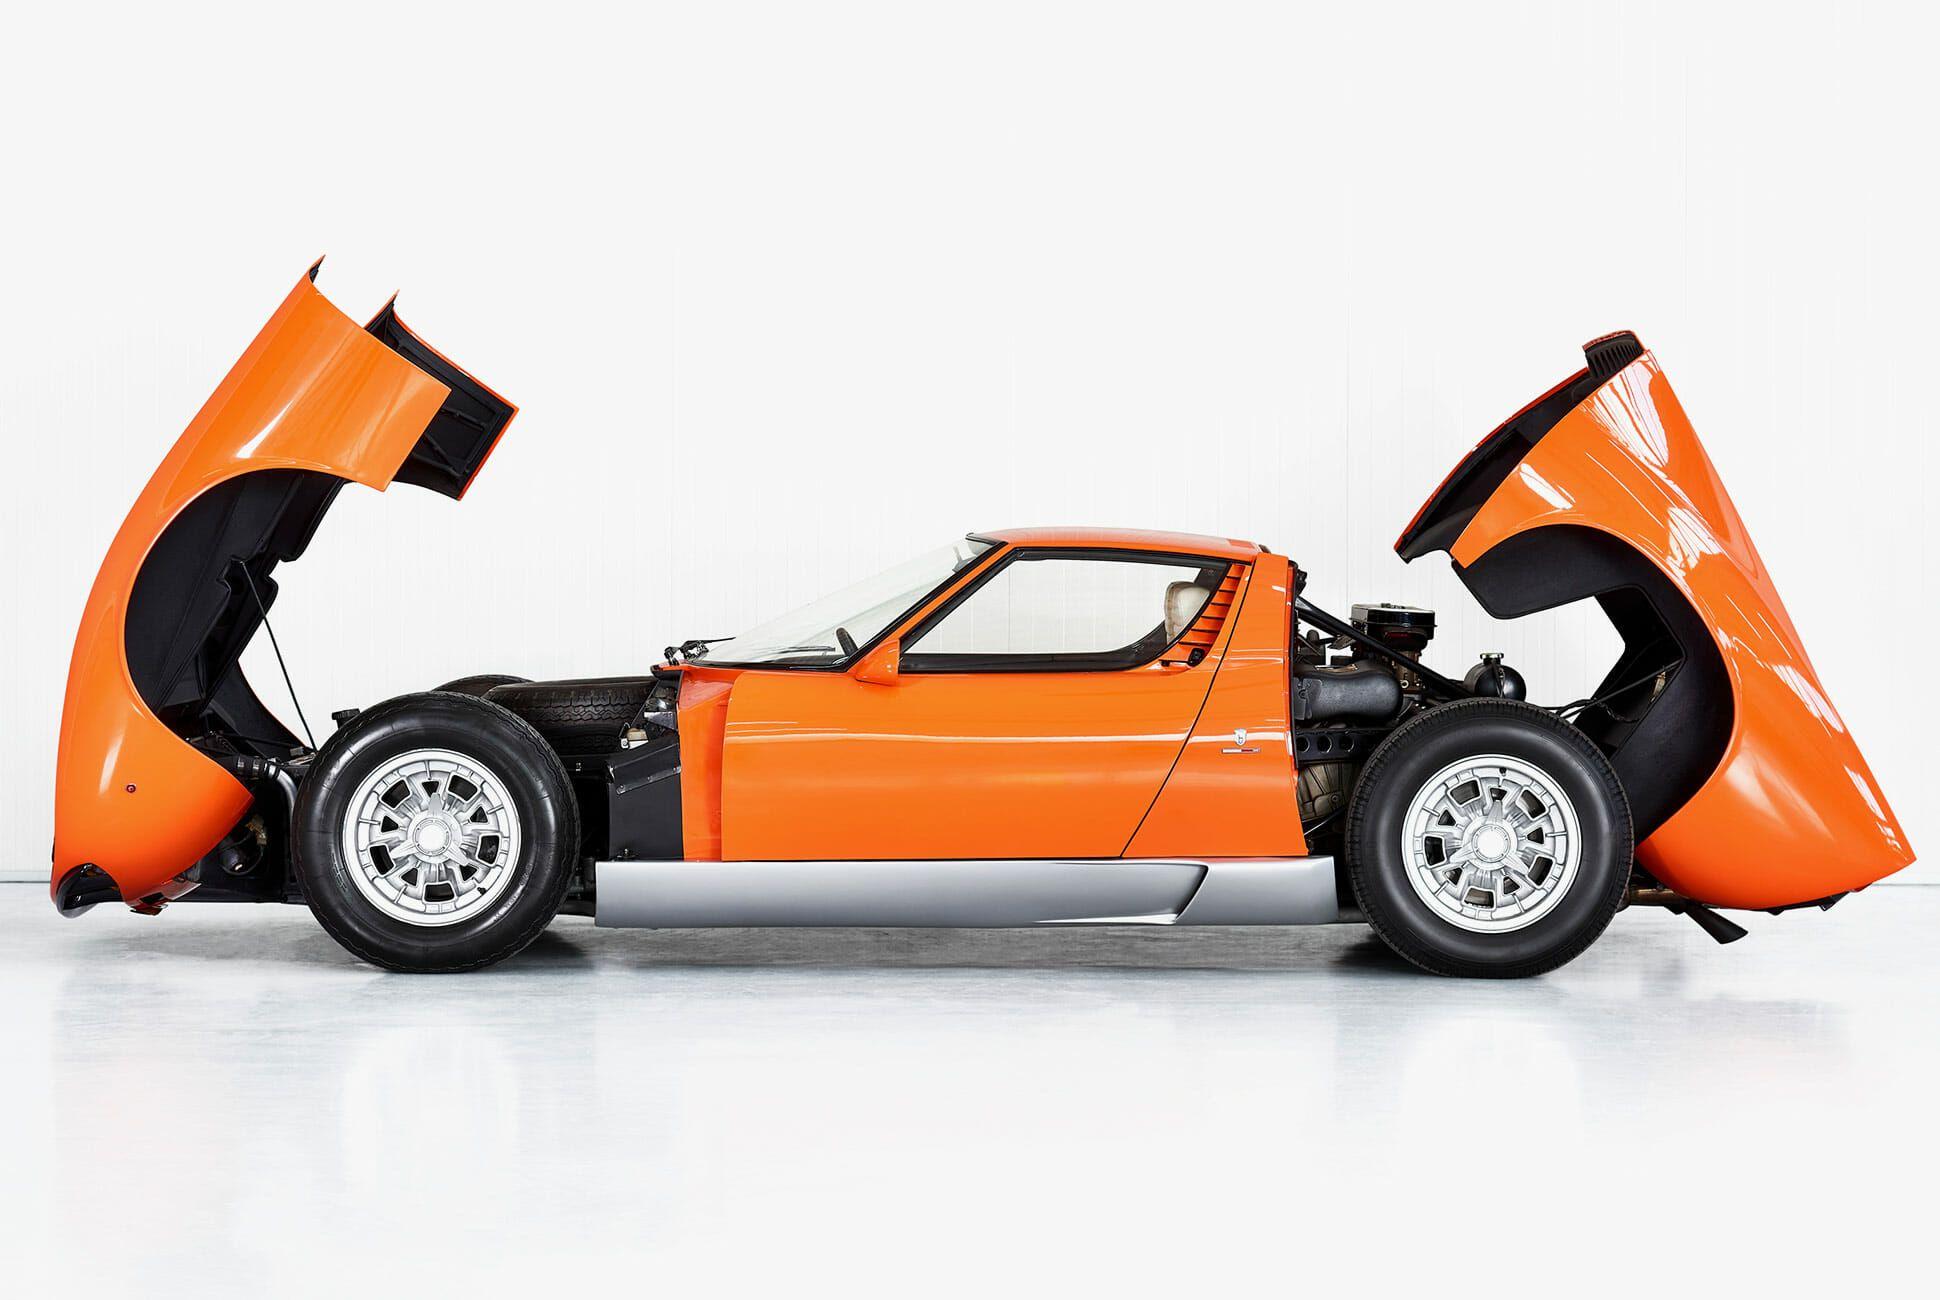 Lamborghini-Miura-P400-Italian-Job-gear-patrol-slide-5